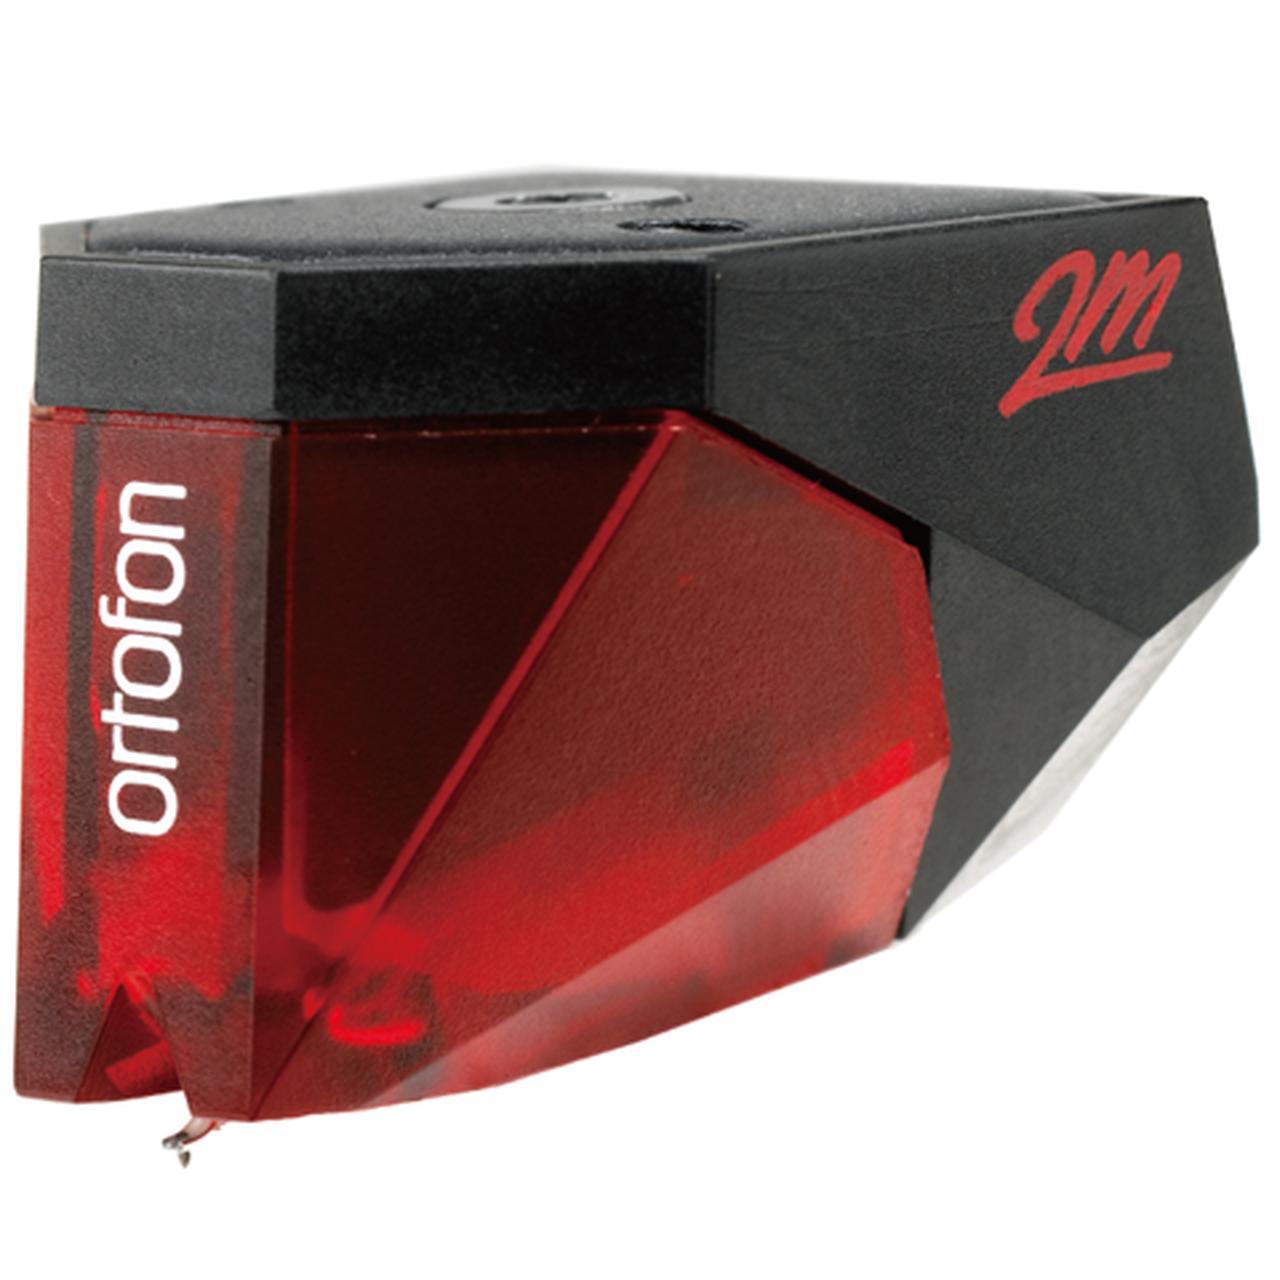 画像: オルトフォンのMMカートリッジ 2M Red、MCカートリッジ MC-Q20、MC Cadenza Bronzeの3機種が用意される予定 詳しくはこちら www.sound-tec.com